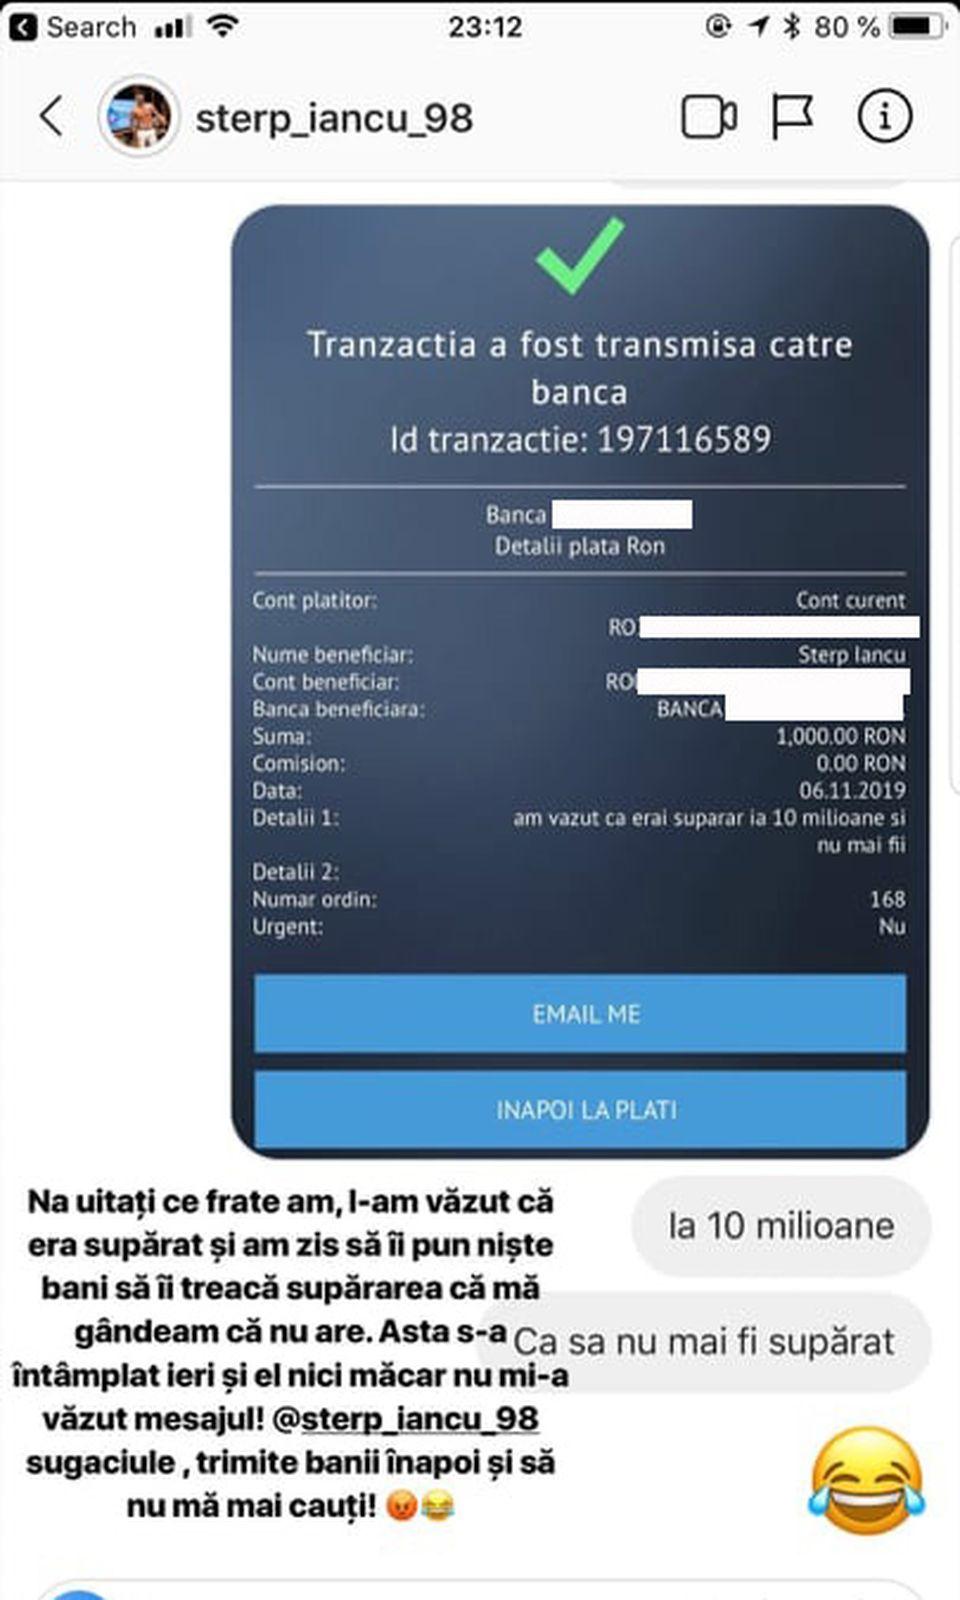 Culiță Sterp i-a dat bani fratelui Iancu, dar s-a enervat rău apoi: